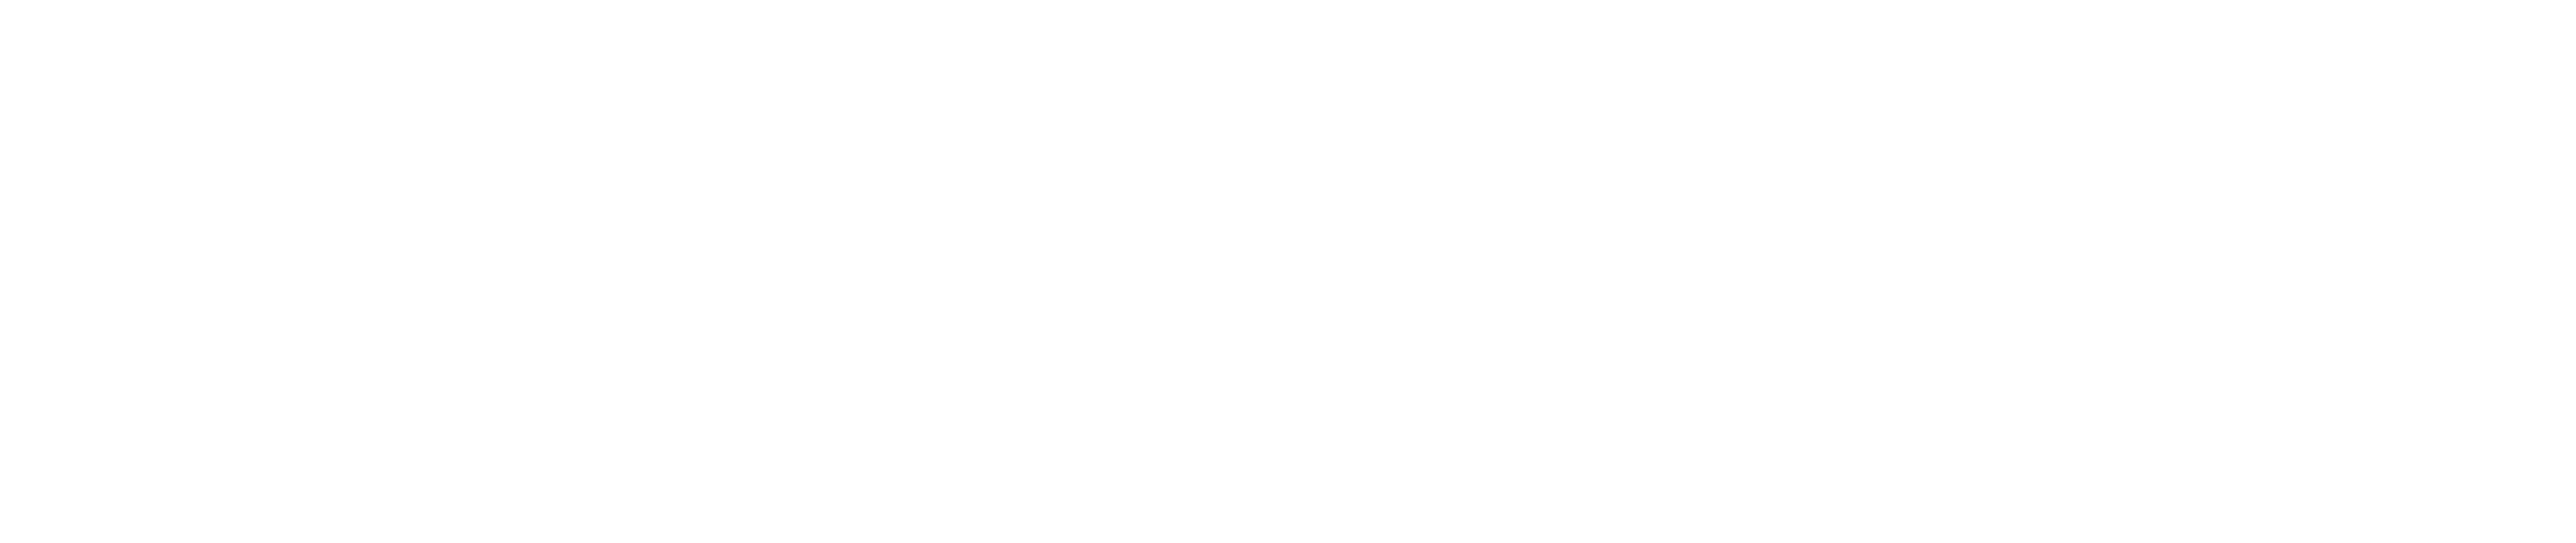 Mod3rn Fitness ™